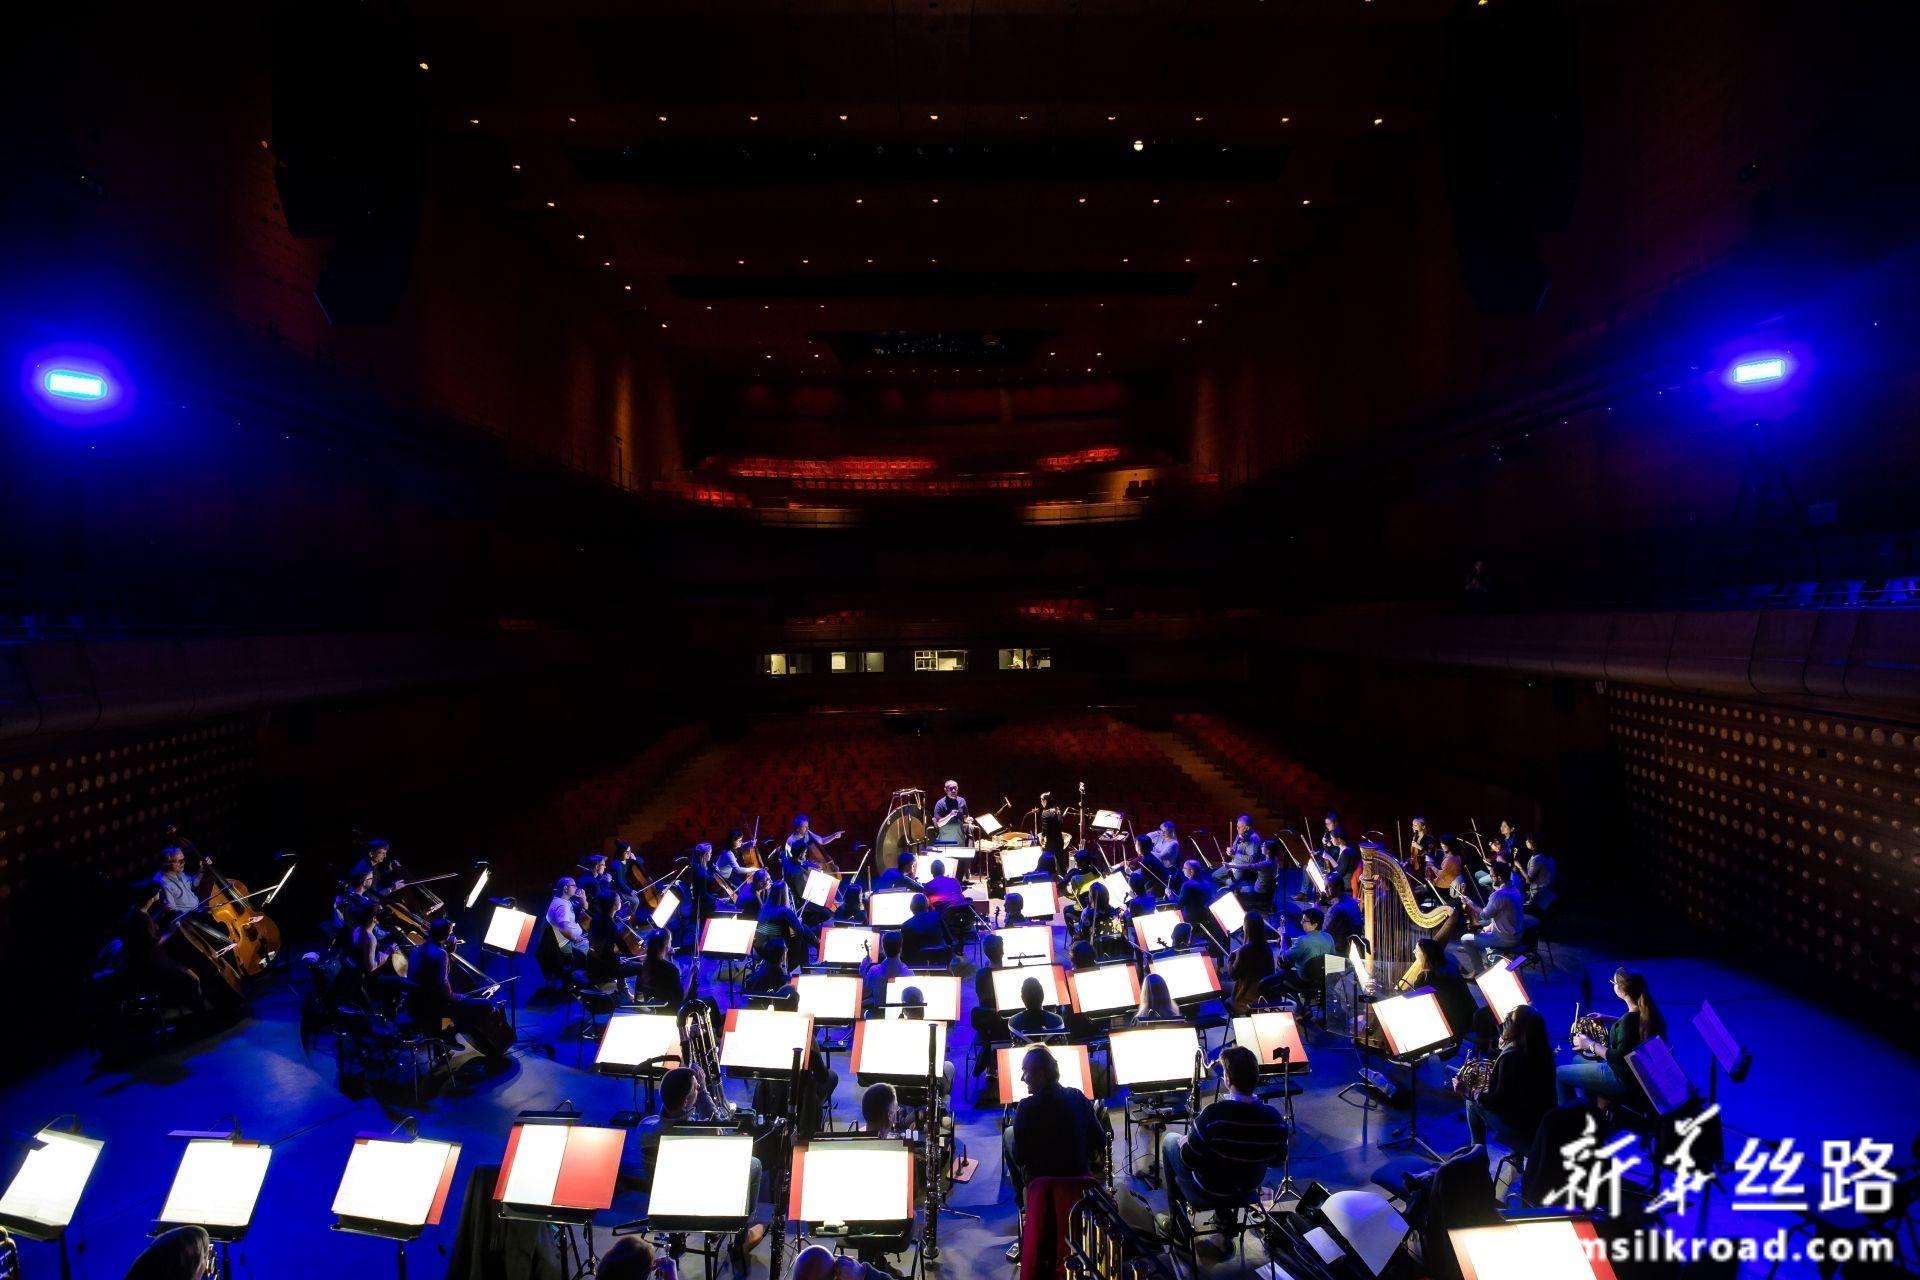 这是2月14日在比利时安特卫普拍摄的音乐会排练现场。新华社记者 张铖 摄